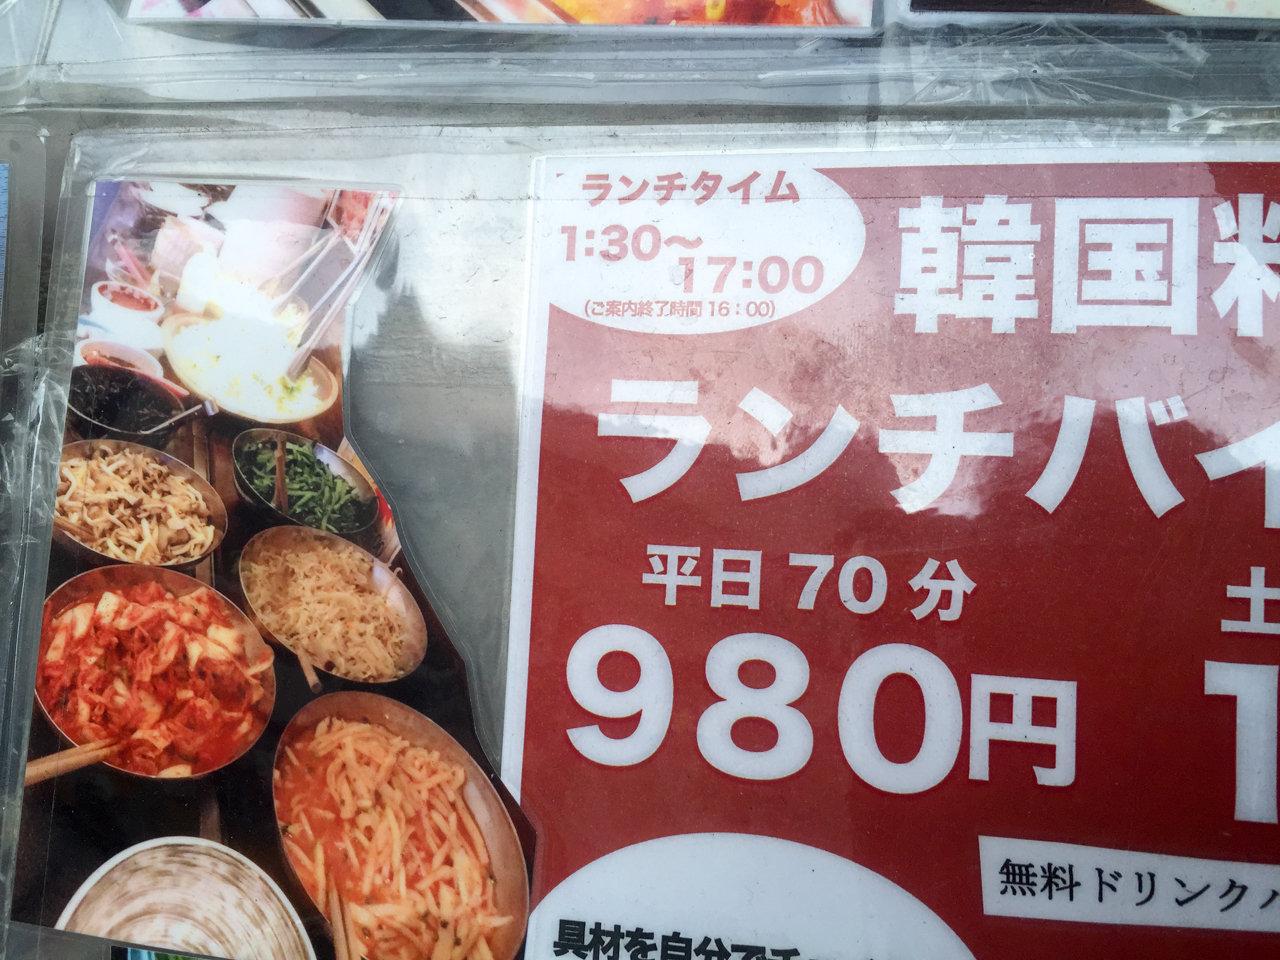 スパイシー スパイシー(渋谷/焼肉) - ぐるなび